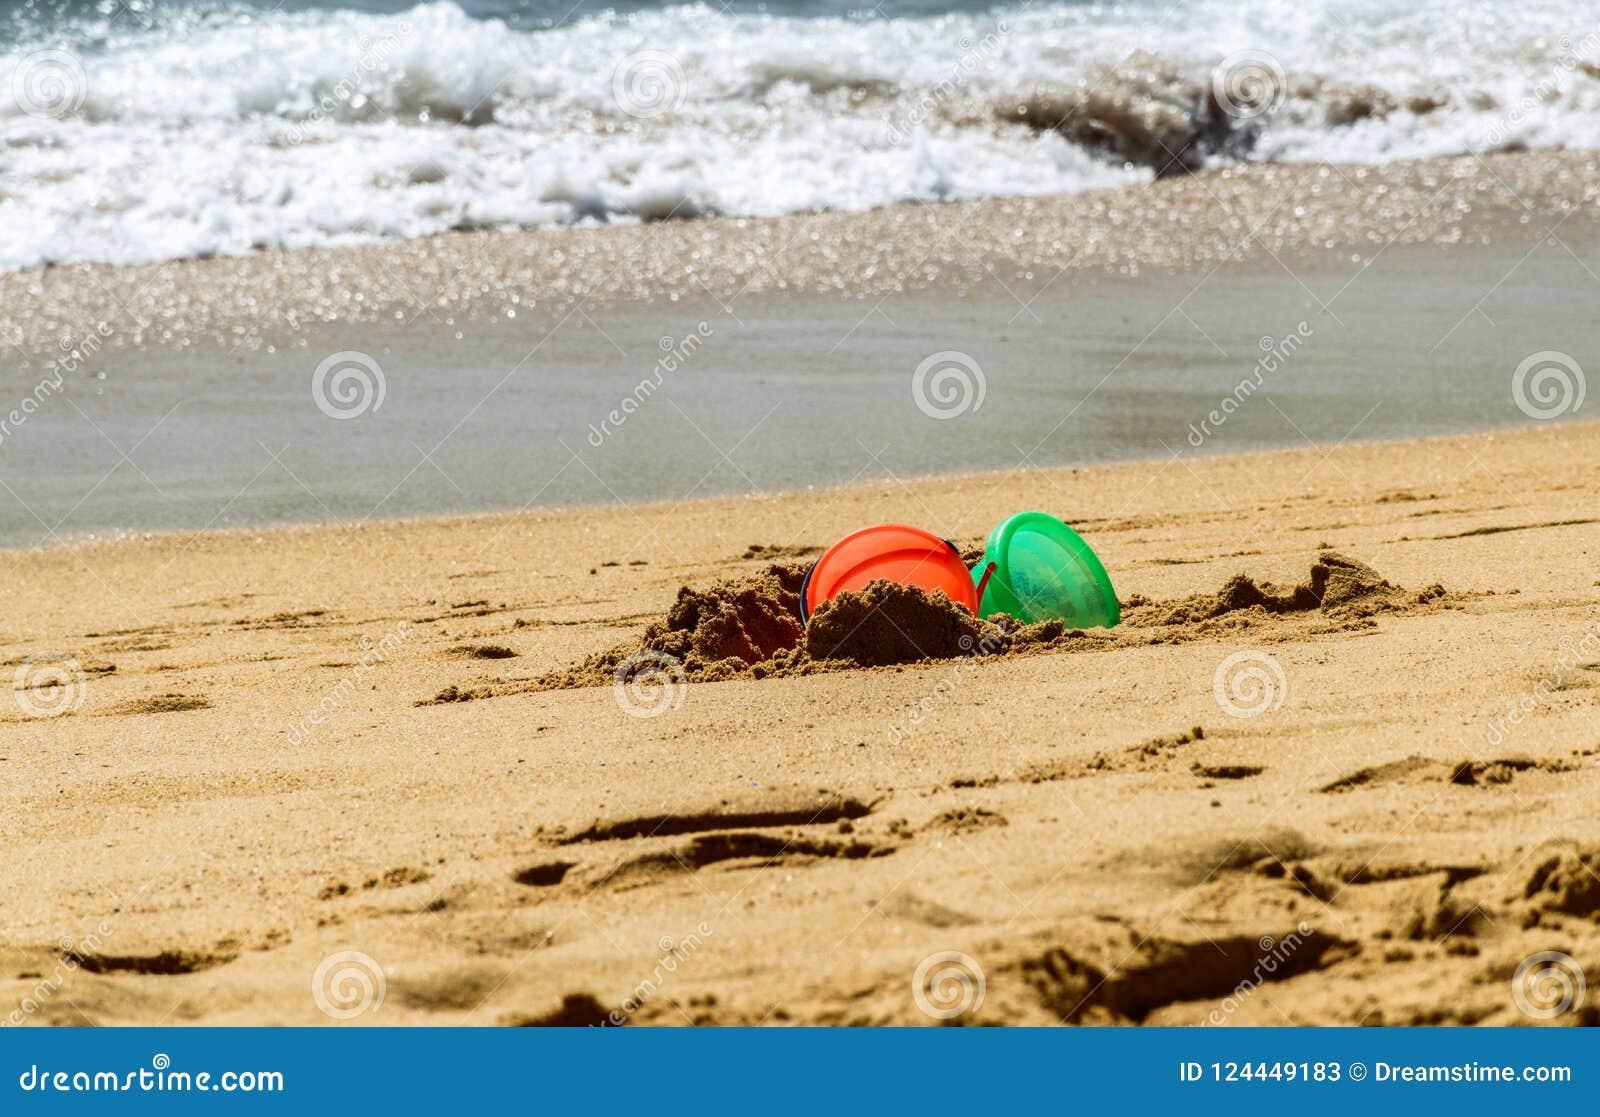 Divertimento na praia com cubetas